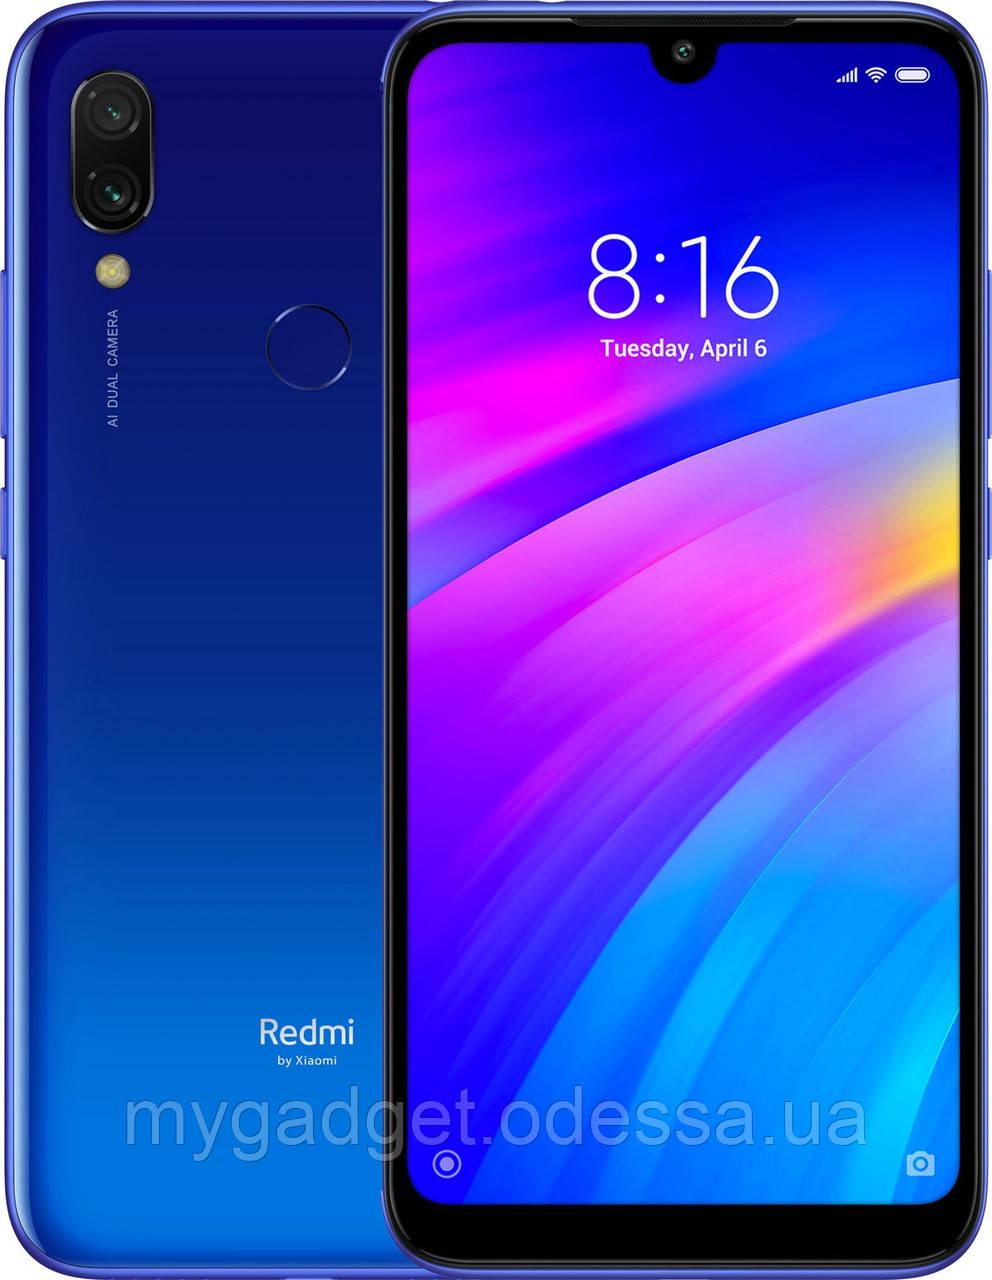 Мобильный телефон Xiaomi Redmi 7 3/32GB Comet Blue (Международная версия)